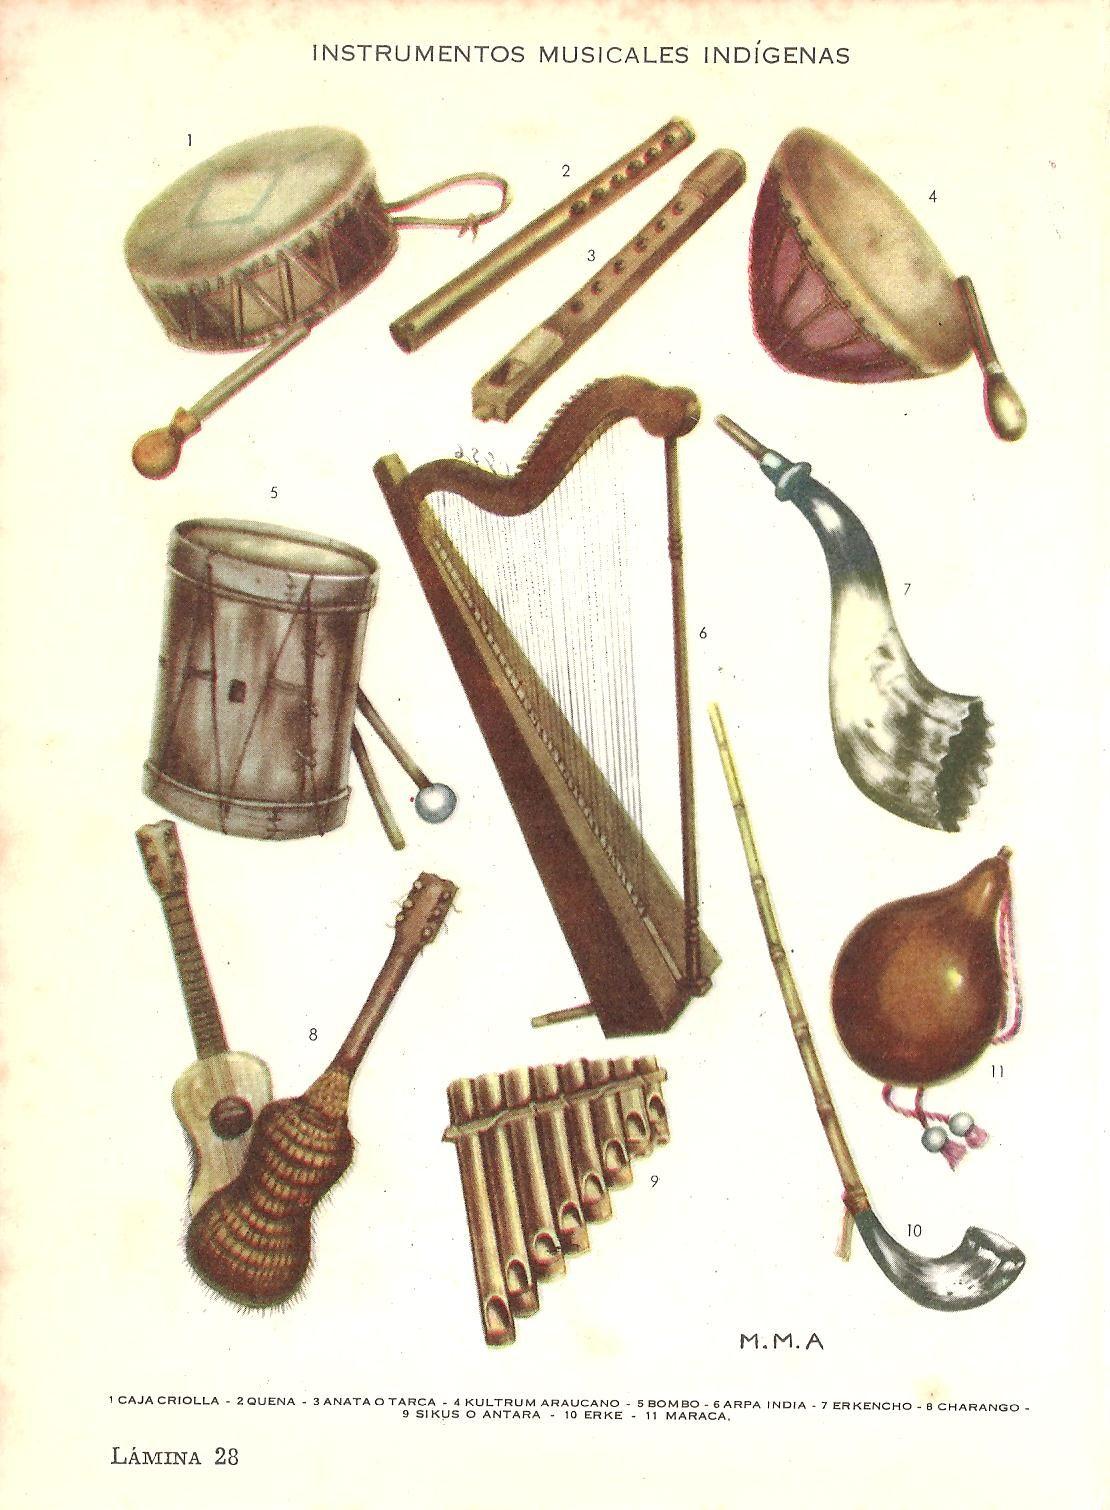 Instrumentos Musicales Indigenas Lamina Extraida De Nuevo Diccionario Enciclopedico Y Atlas Universal C Instrumentos Musicales Instrumentos Tatuajes Creativos